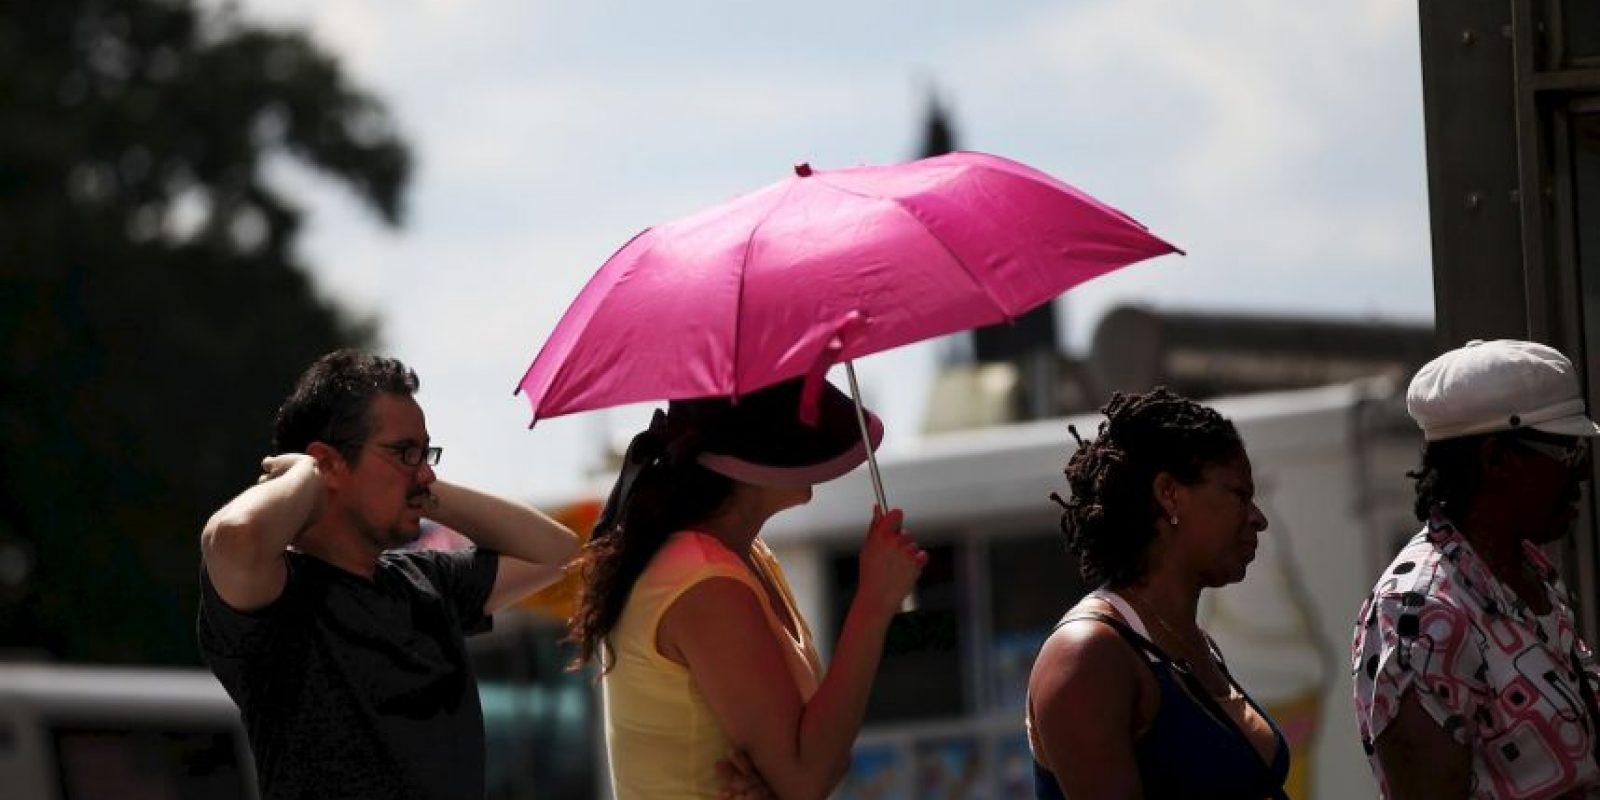 Tanto que puede ocasionar quemaduras graves en la gente que toca su carrocería después de haber sido expuesto al sol durante 10 minutos. Foto:Getty Images